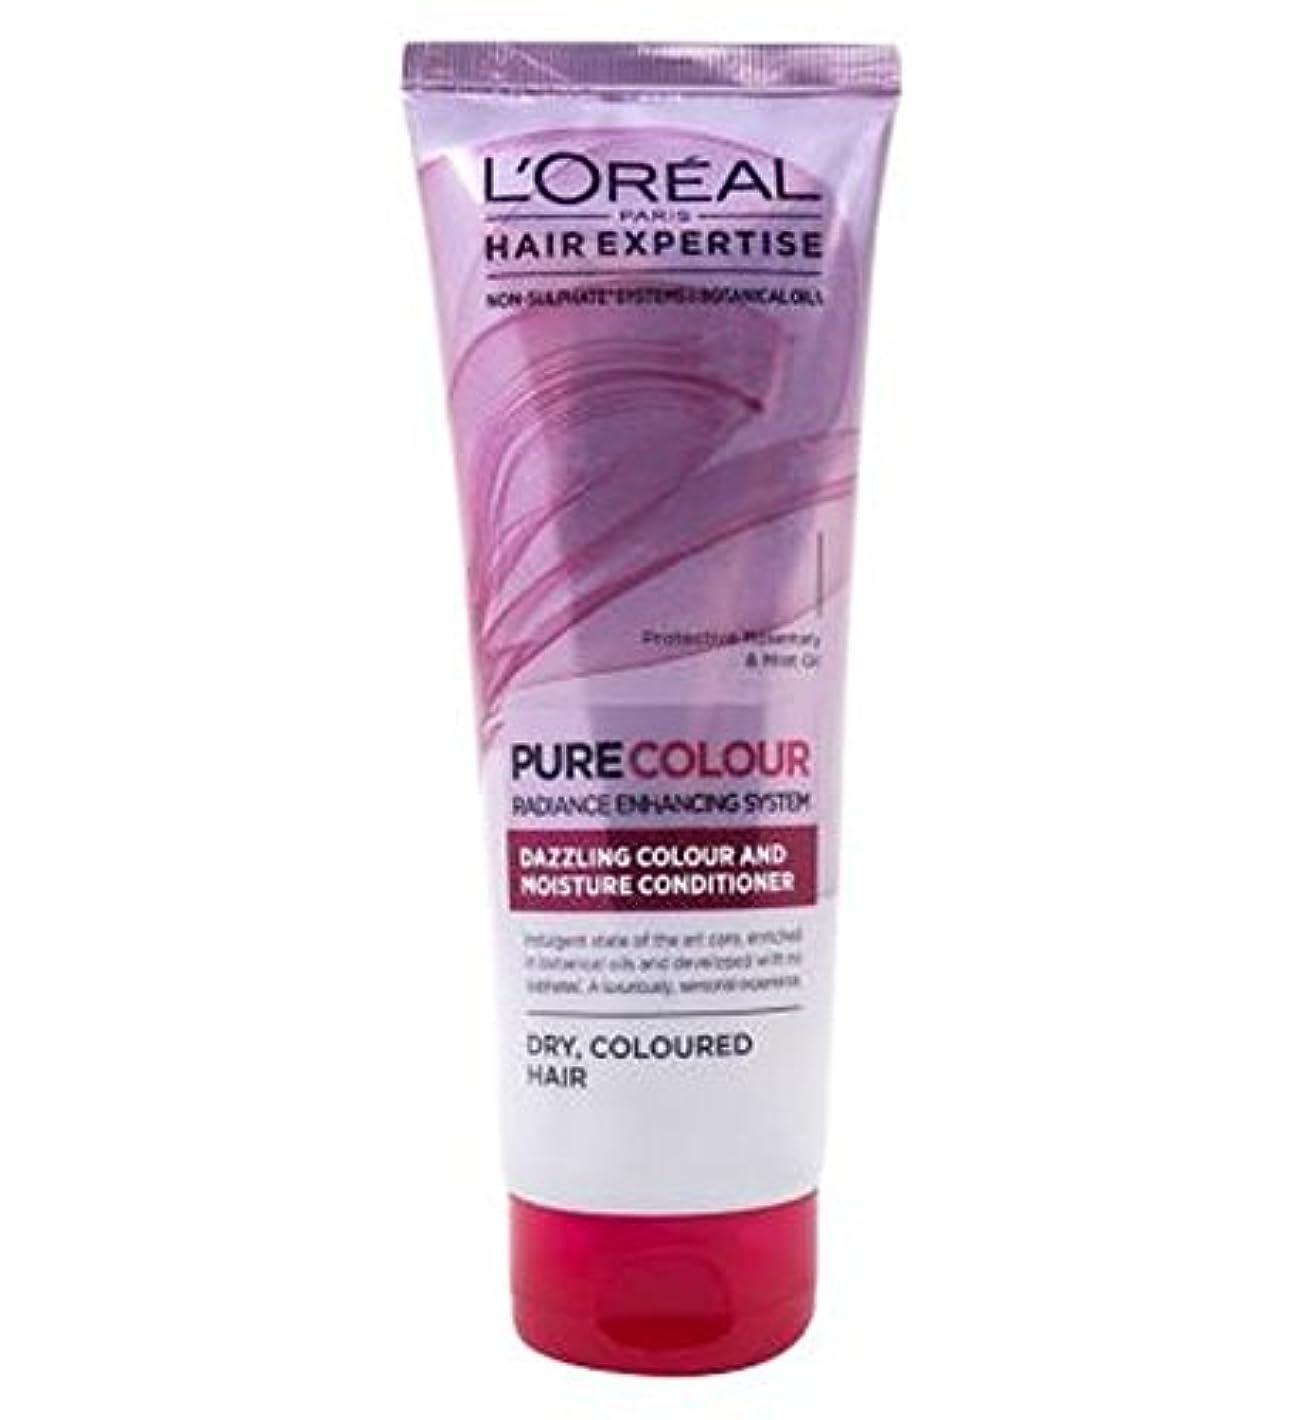 防衛積極的にスキーL'Oreal Paris Hair Expertise SuperPure Colour Care & Moisture Conditioner 250ml - ロレアルパリの髪の専門知識の超純粋なカラーケア&水分コンディショナー250Ml (L'Oreal) [並行輸入品]